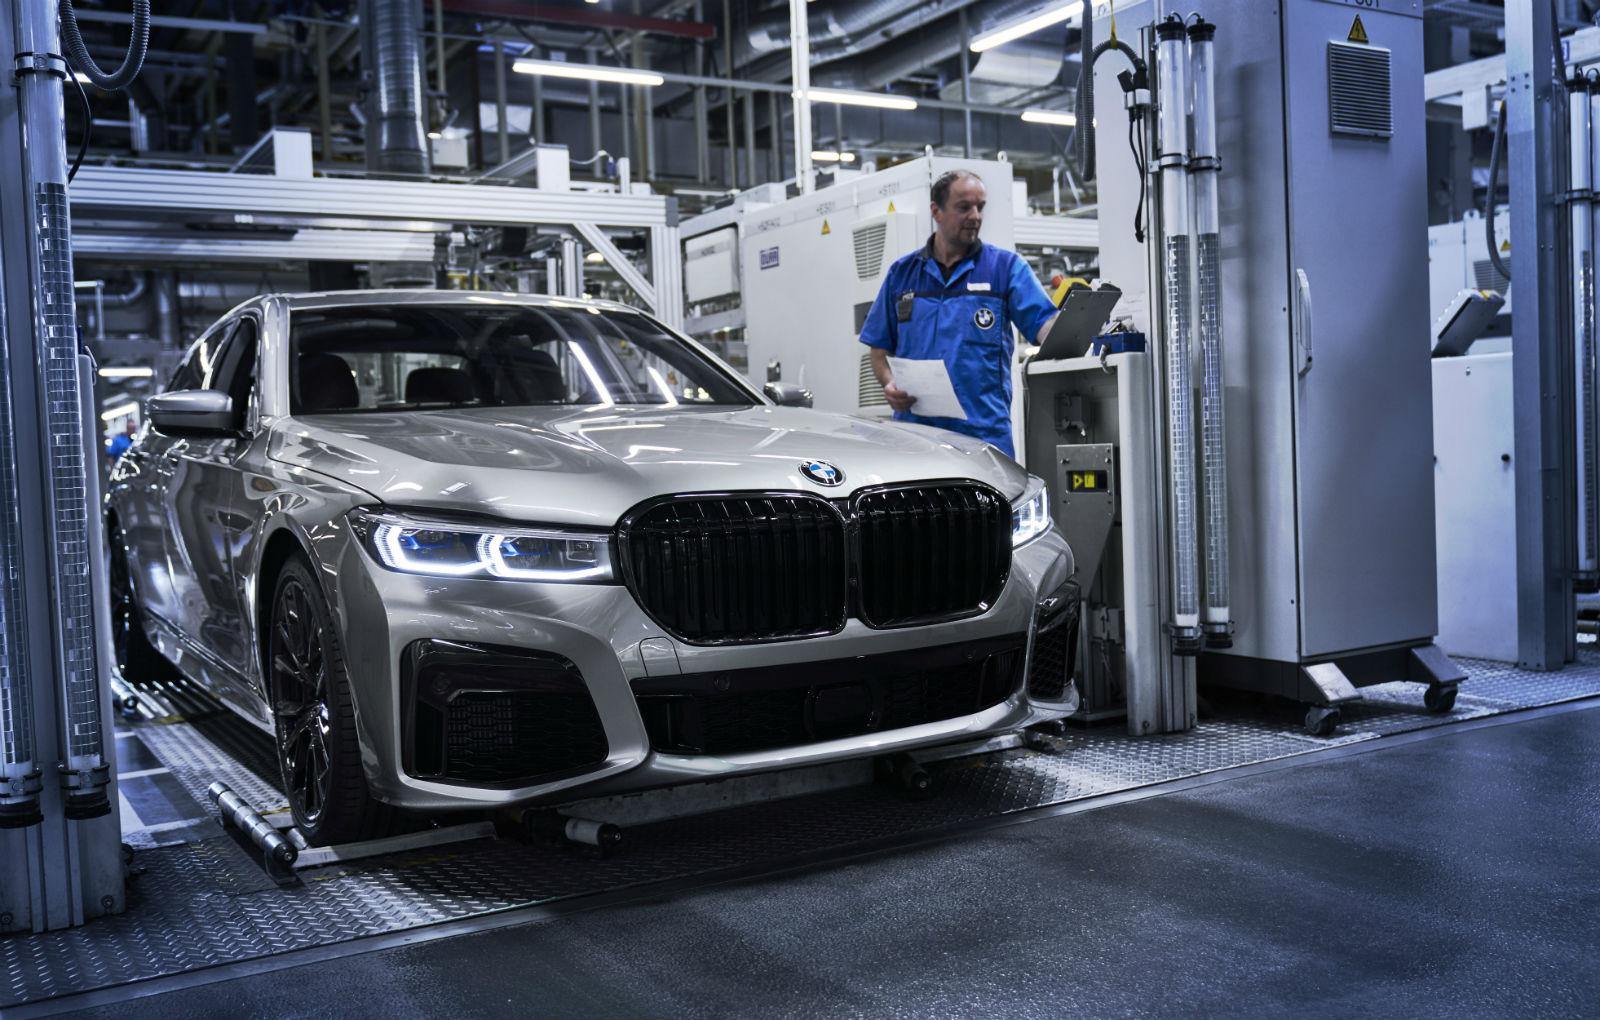 Noul BMW Seria 7 facelift a intrat pe linia de productie a uzinei din Dingolfing